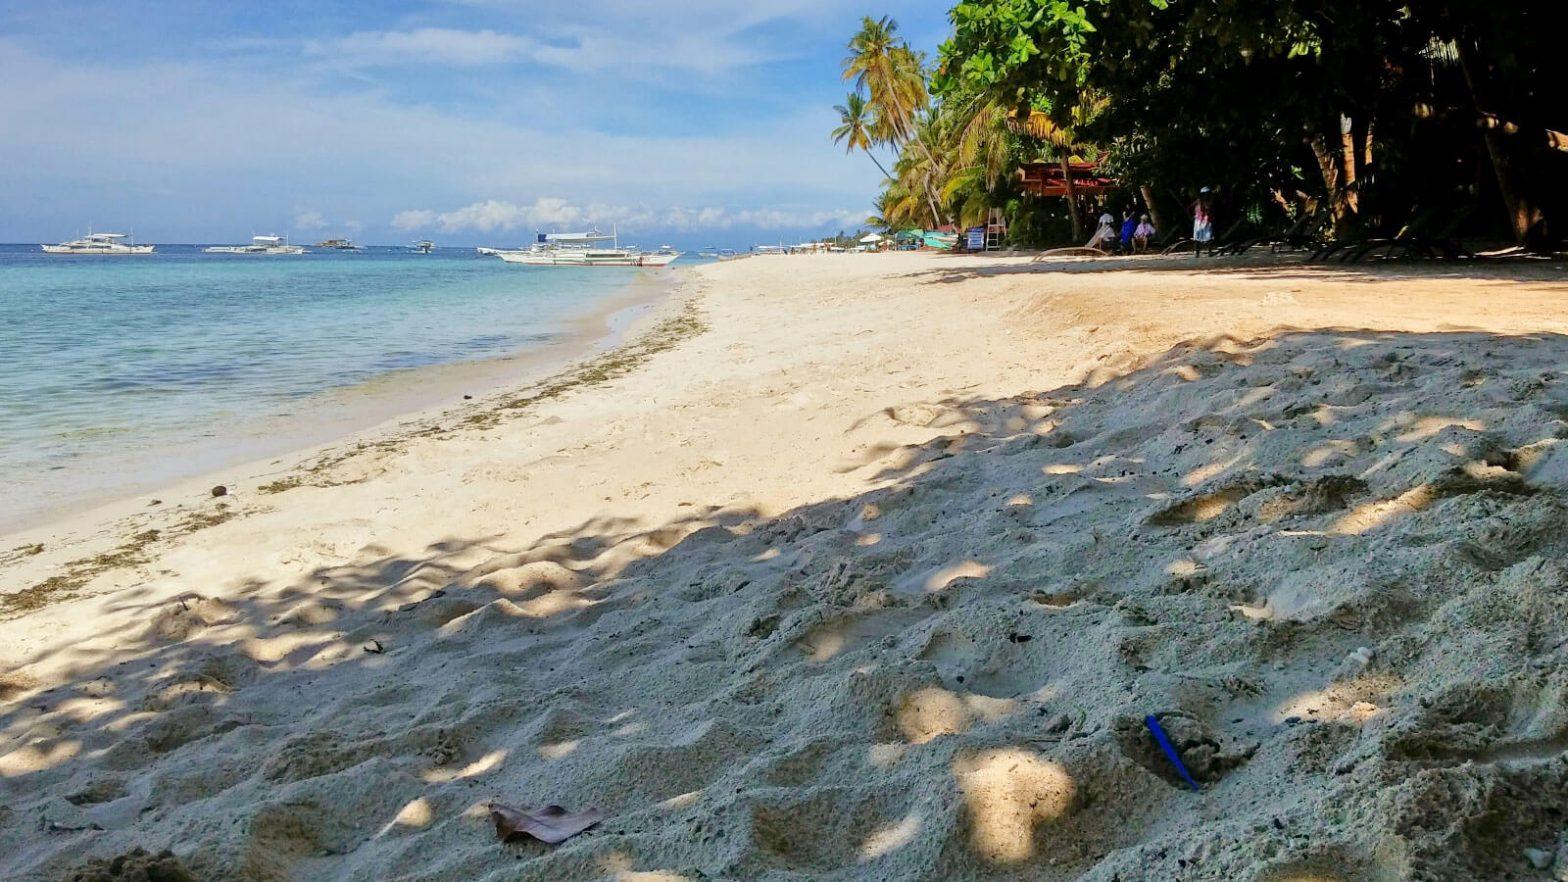 Geeks On A Beach Panglao Island Bohol